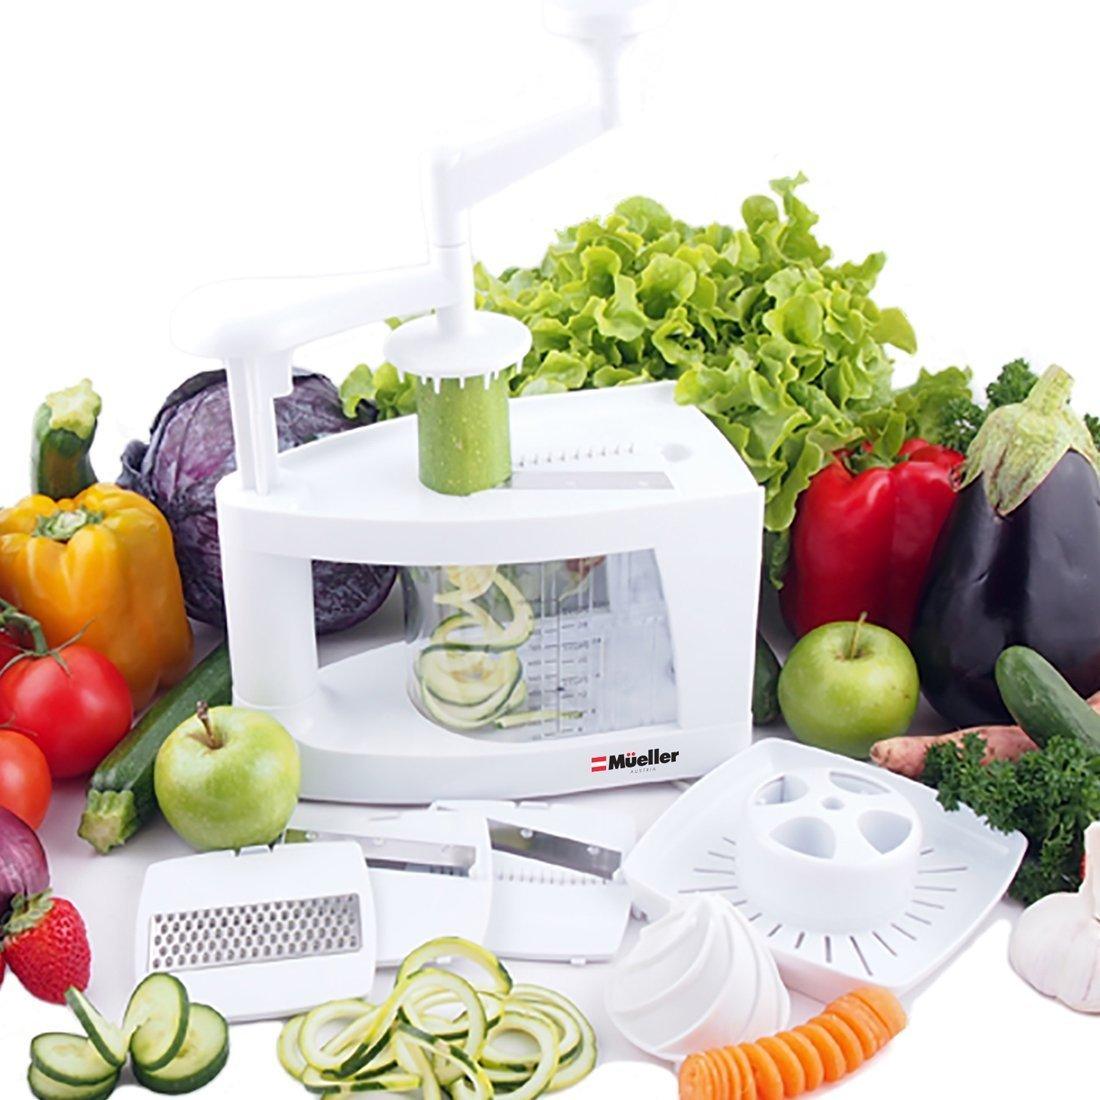 Mueller Spiral-Ultra Multi-Blade Spiralizer, 8 into 1 Spiral Slicer, Heavy Duty Salad Utensil, Vegetable Pasta Maker and Mandoline Slicer for Low Carb/Paleo/Gluten-Free Meals by Mueller (Image #2)